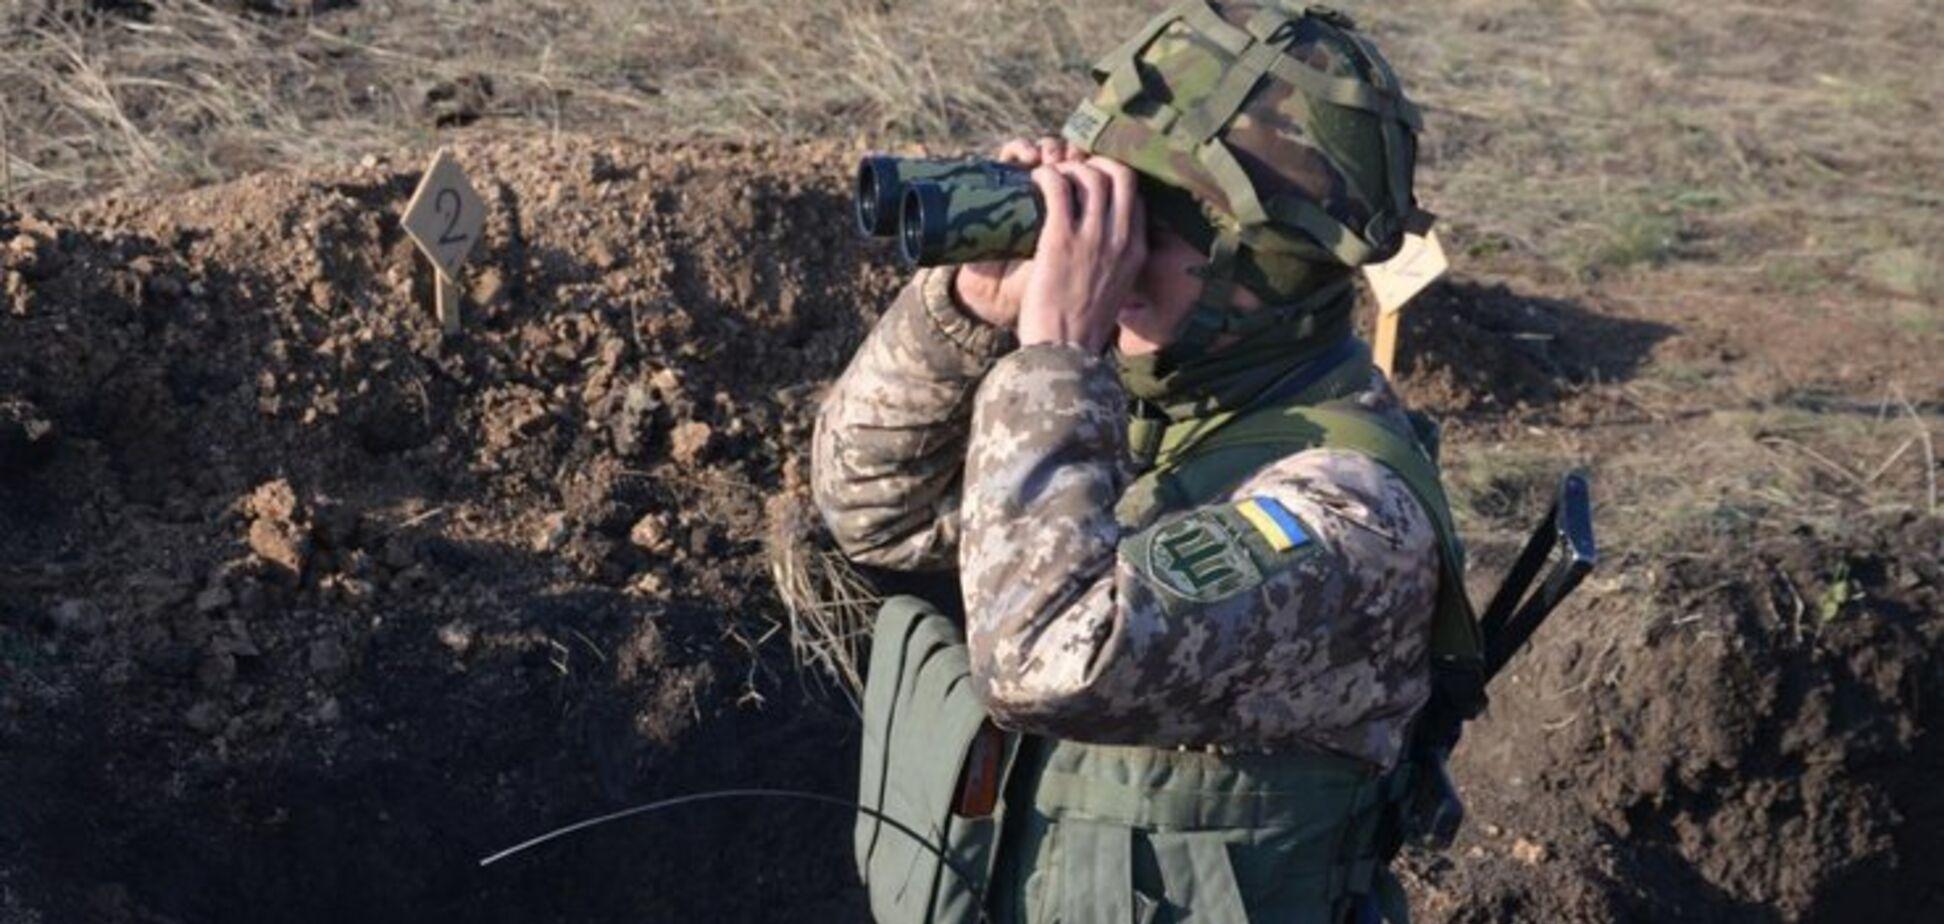 'Л/ДНР' устроили кровавую провокацию на Донбассе: в ВСУ потери